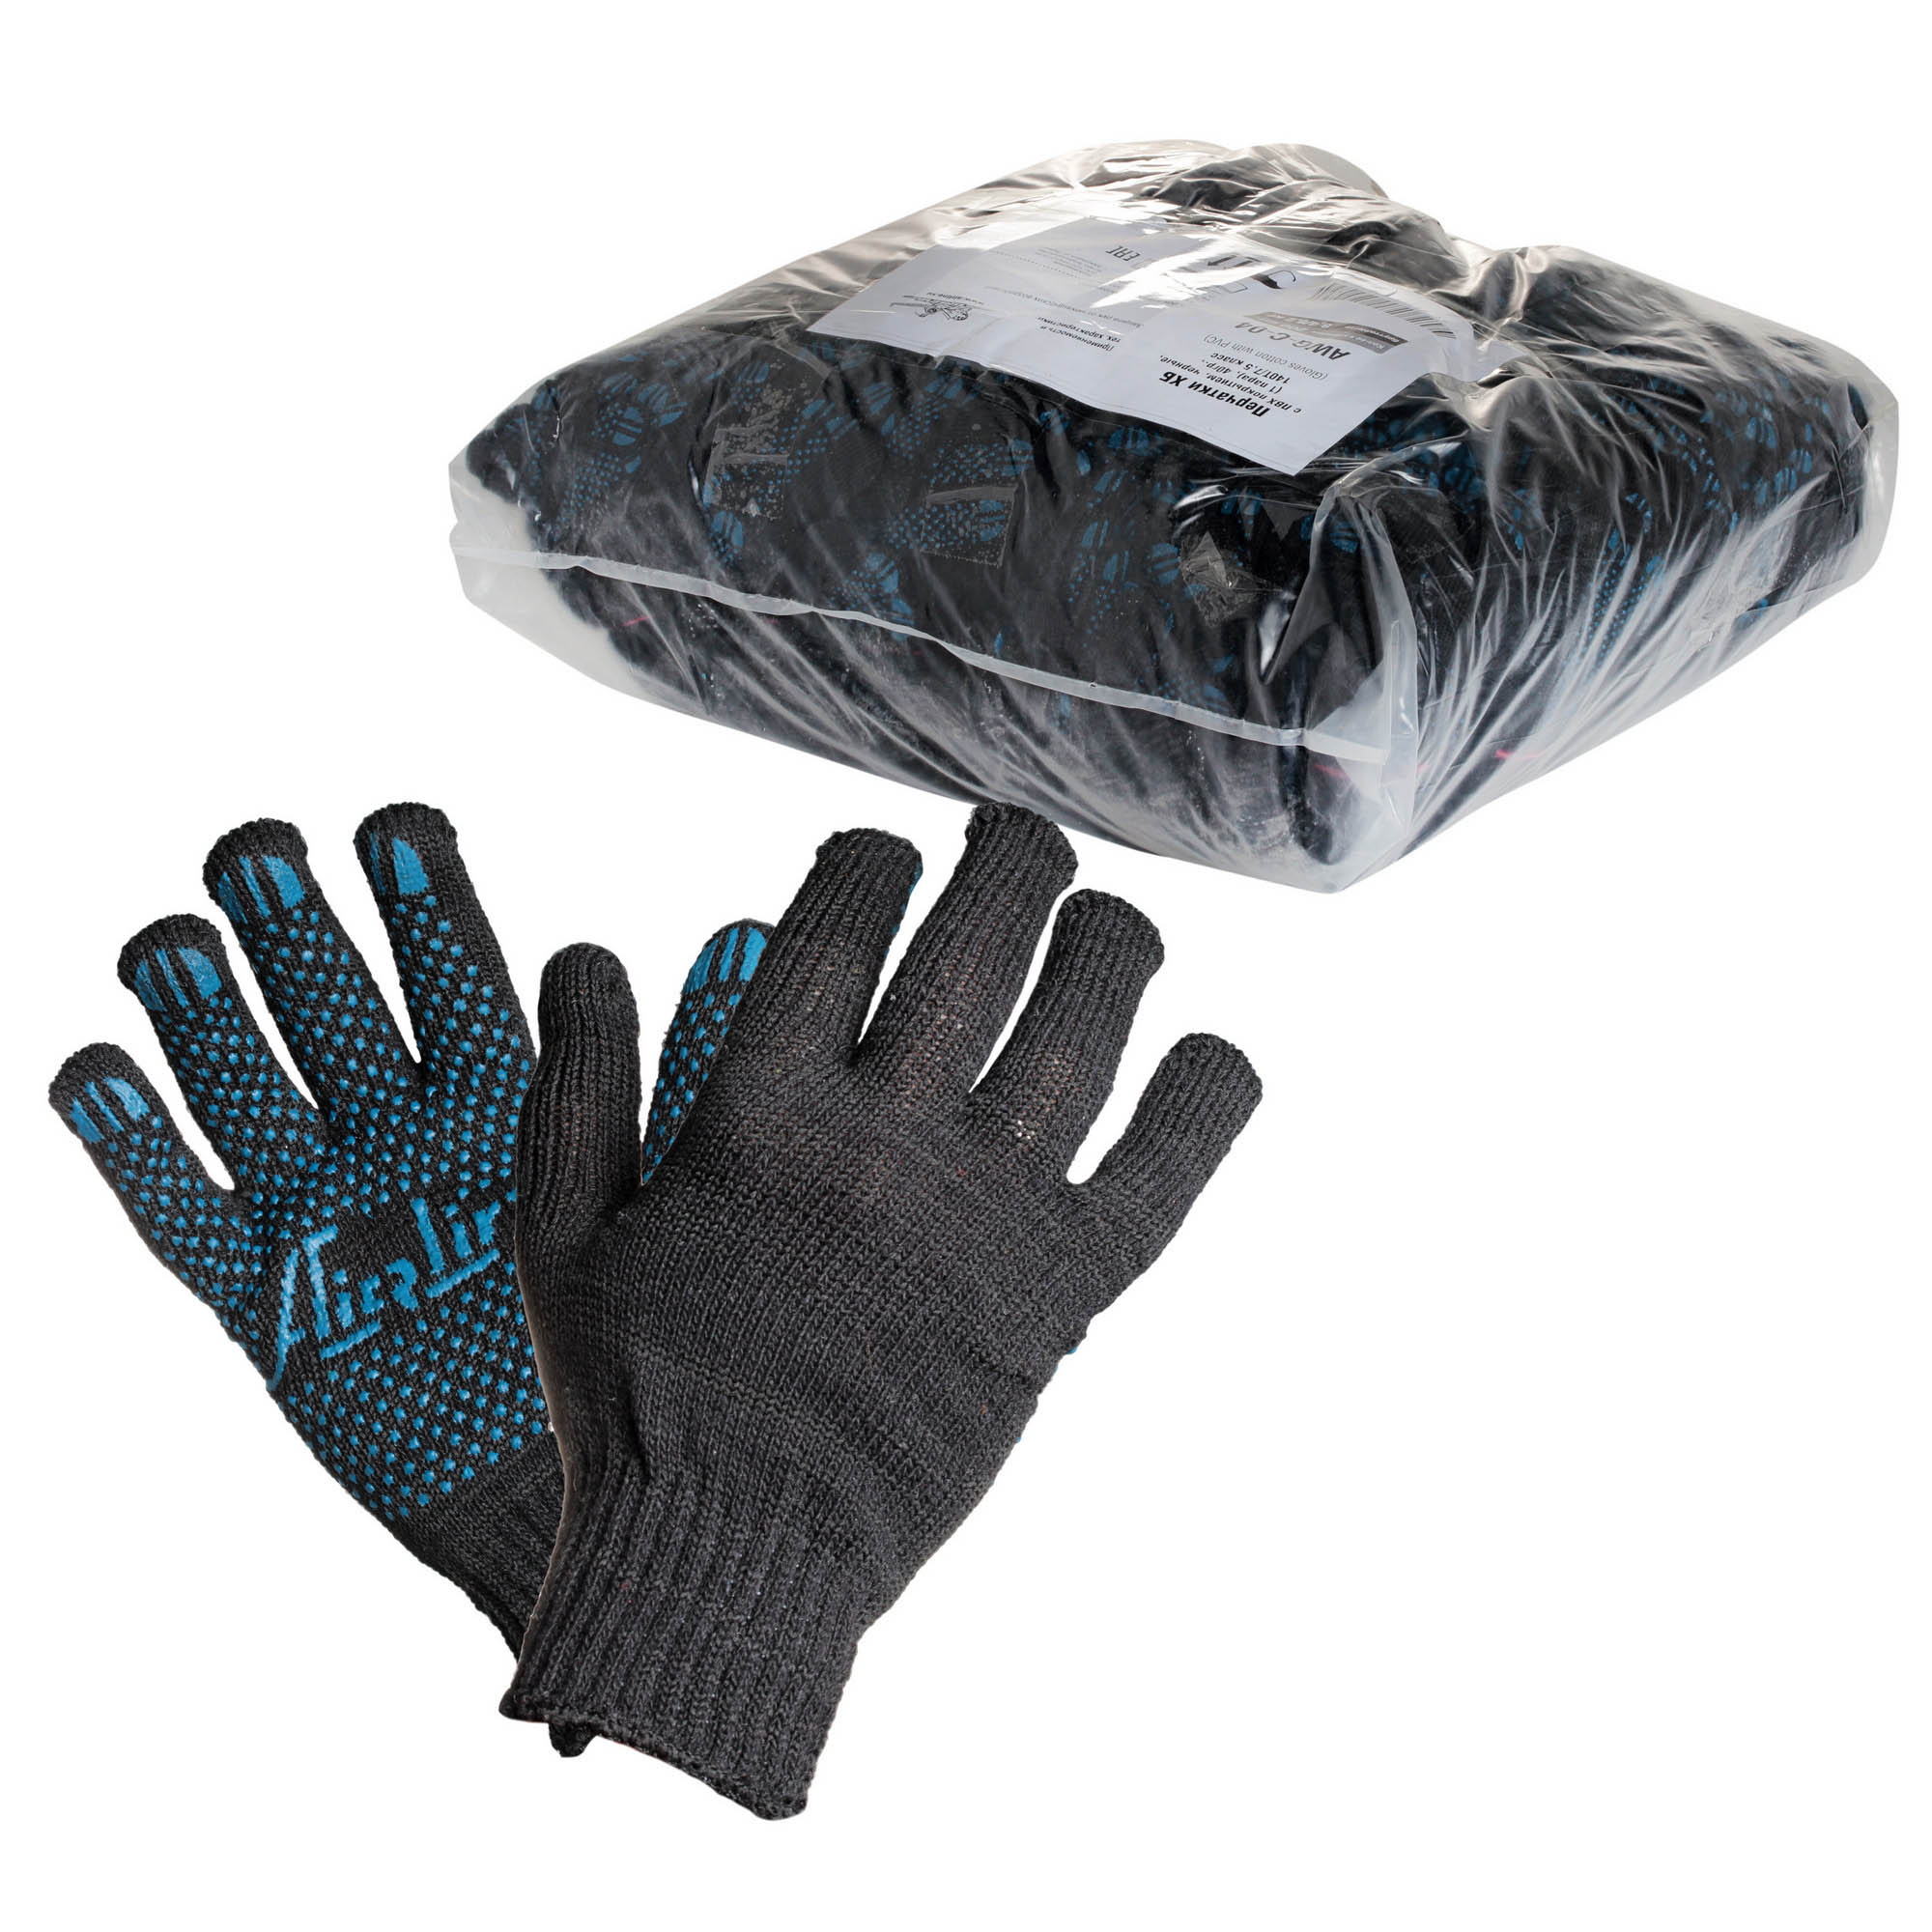 Перчатки ХБ с ПВХ покрытием, черные, (1 пара), 40гр., 140Т/7,5 класс AIRLINE